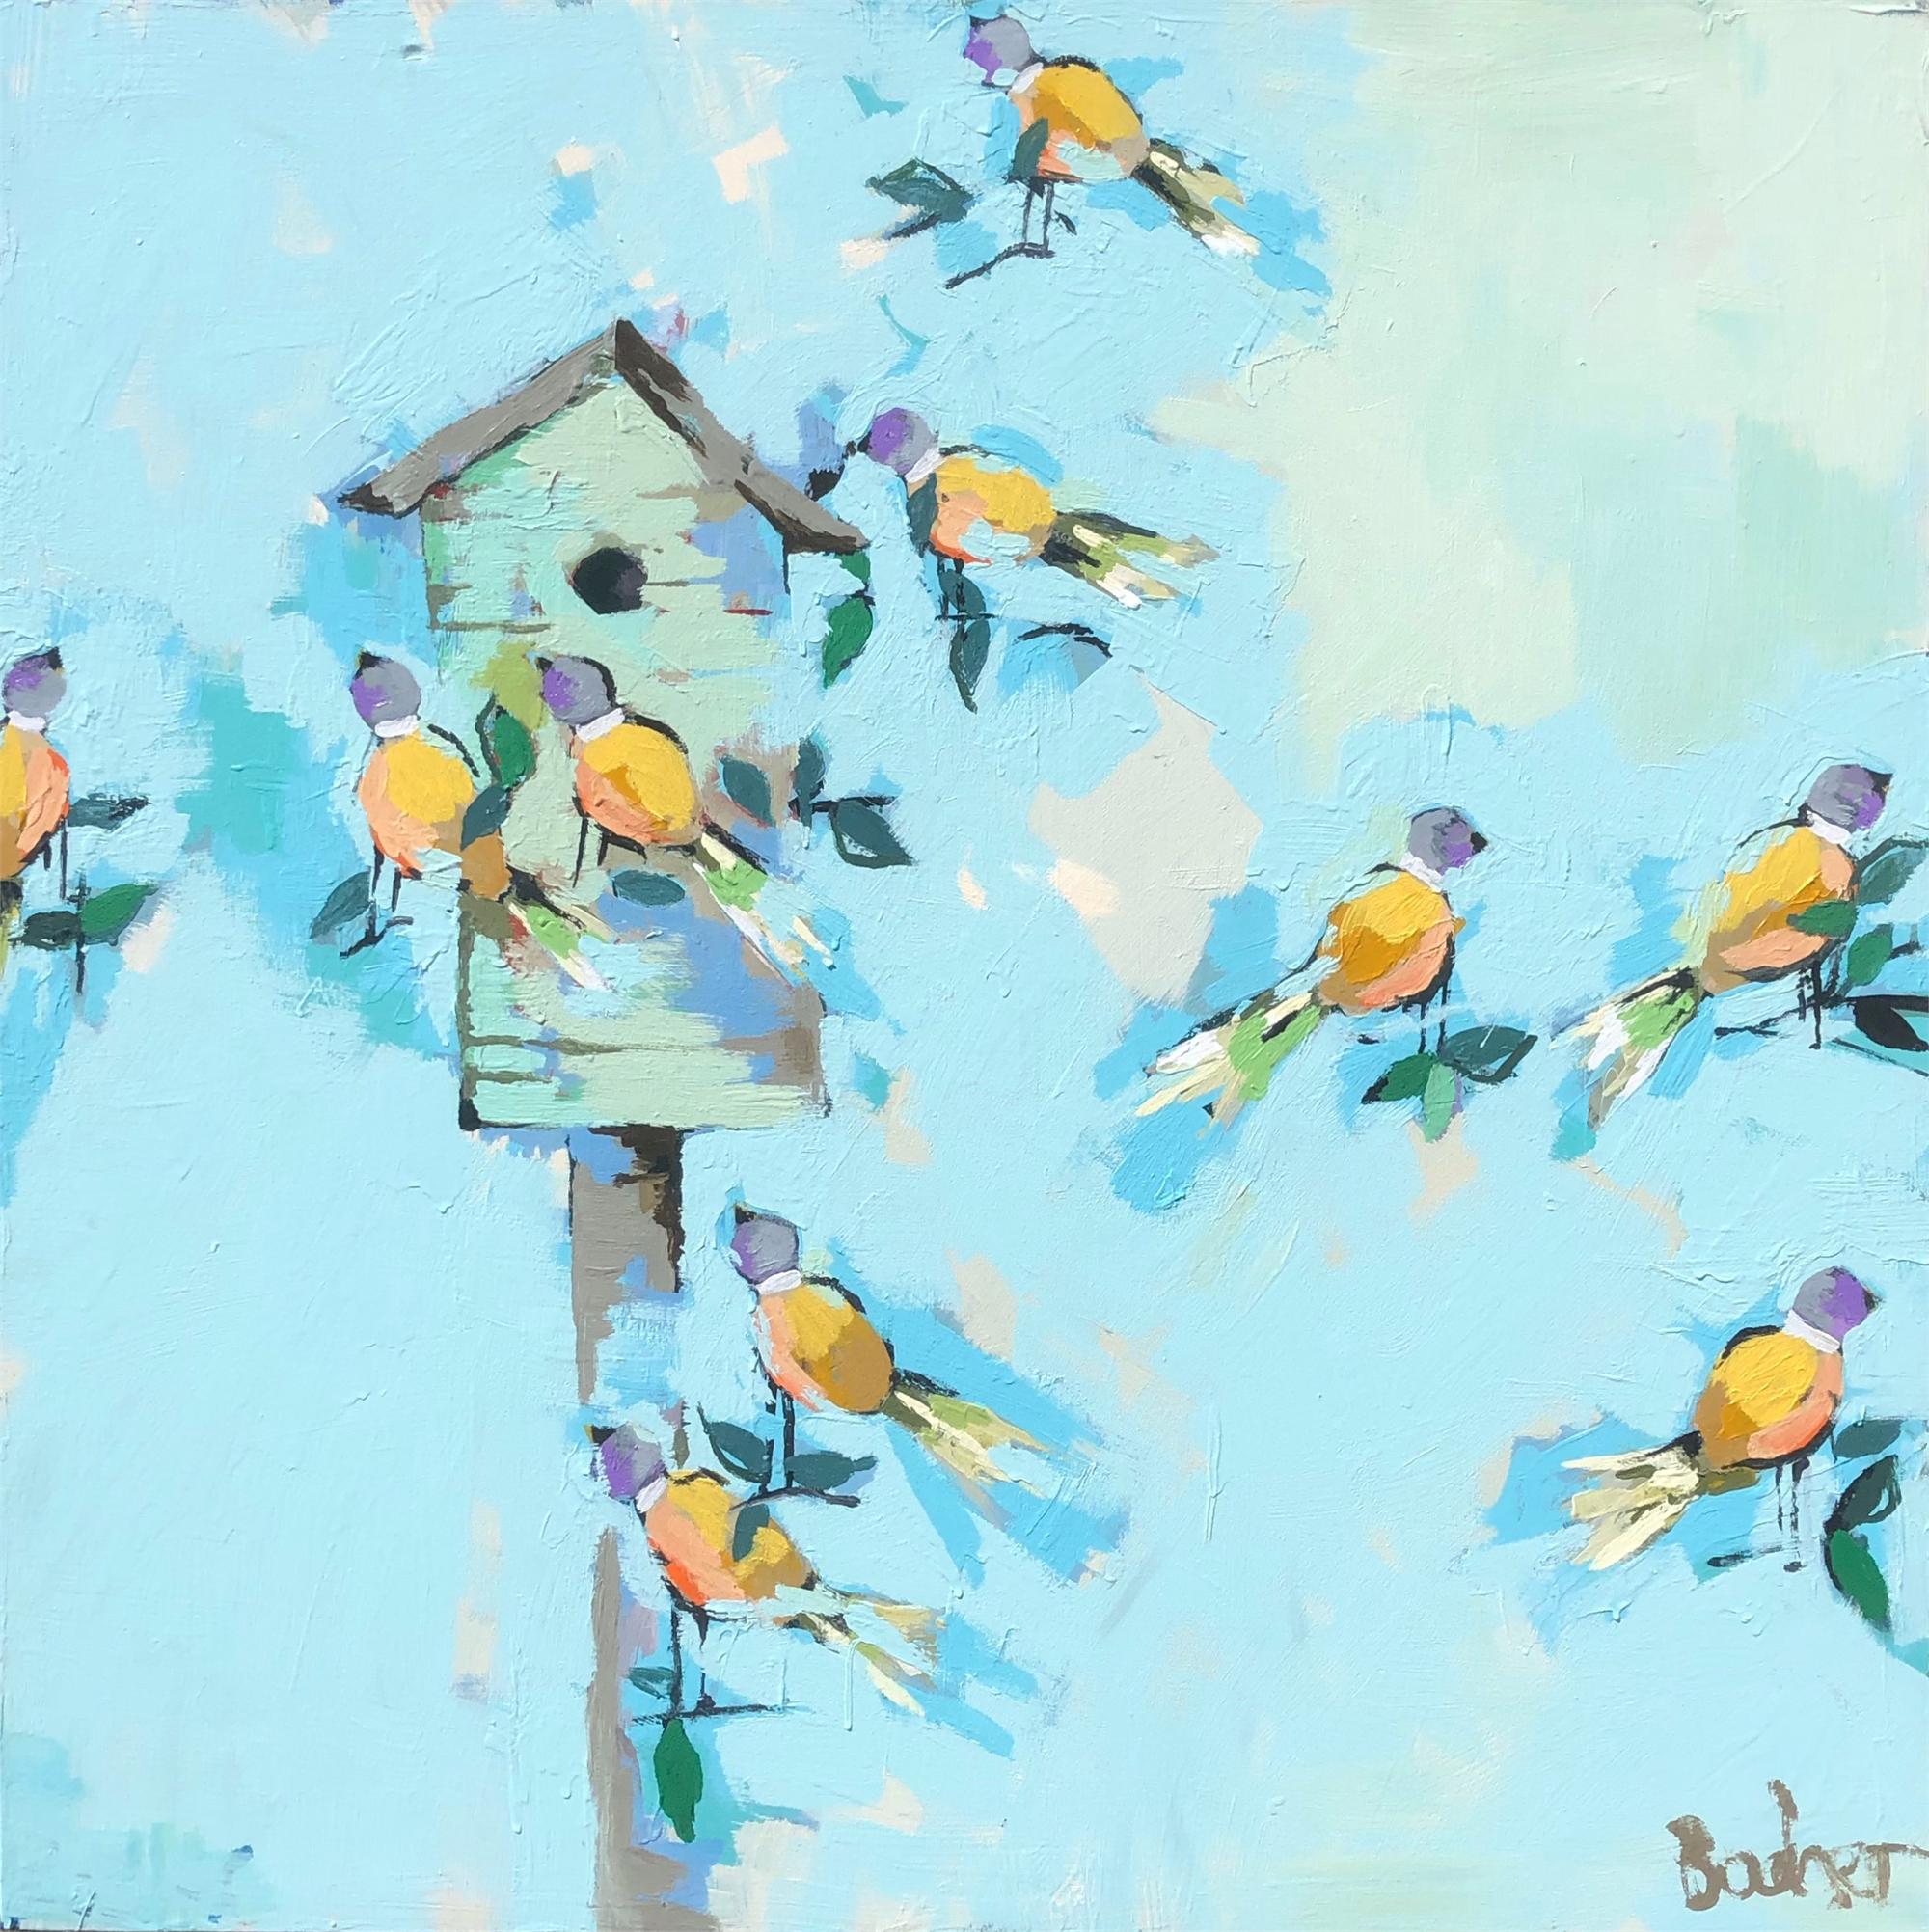 Alight by Gary Bodner